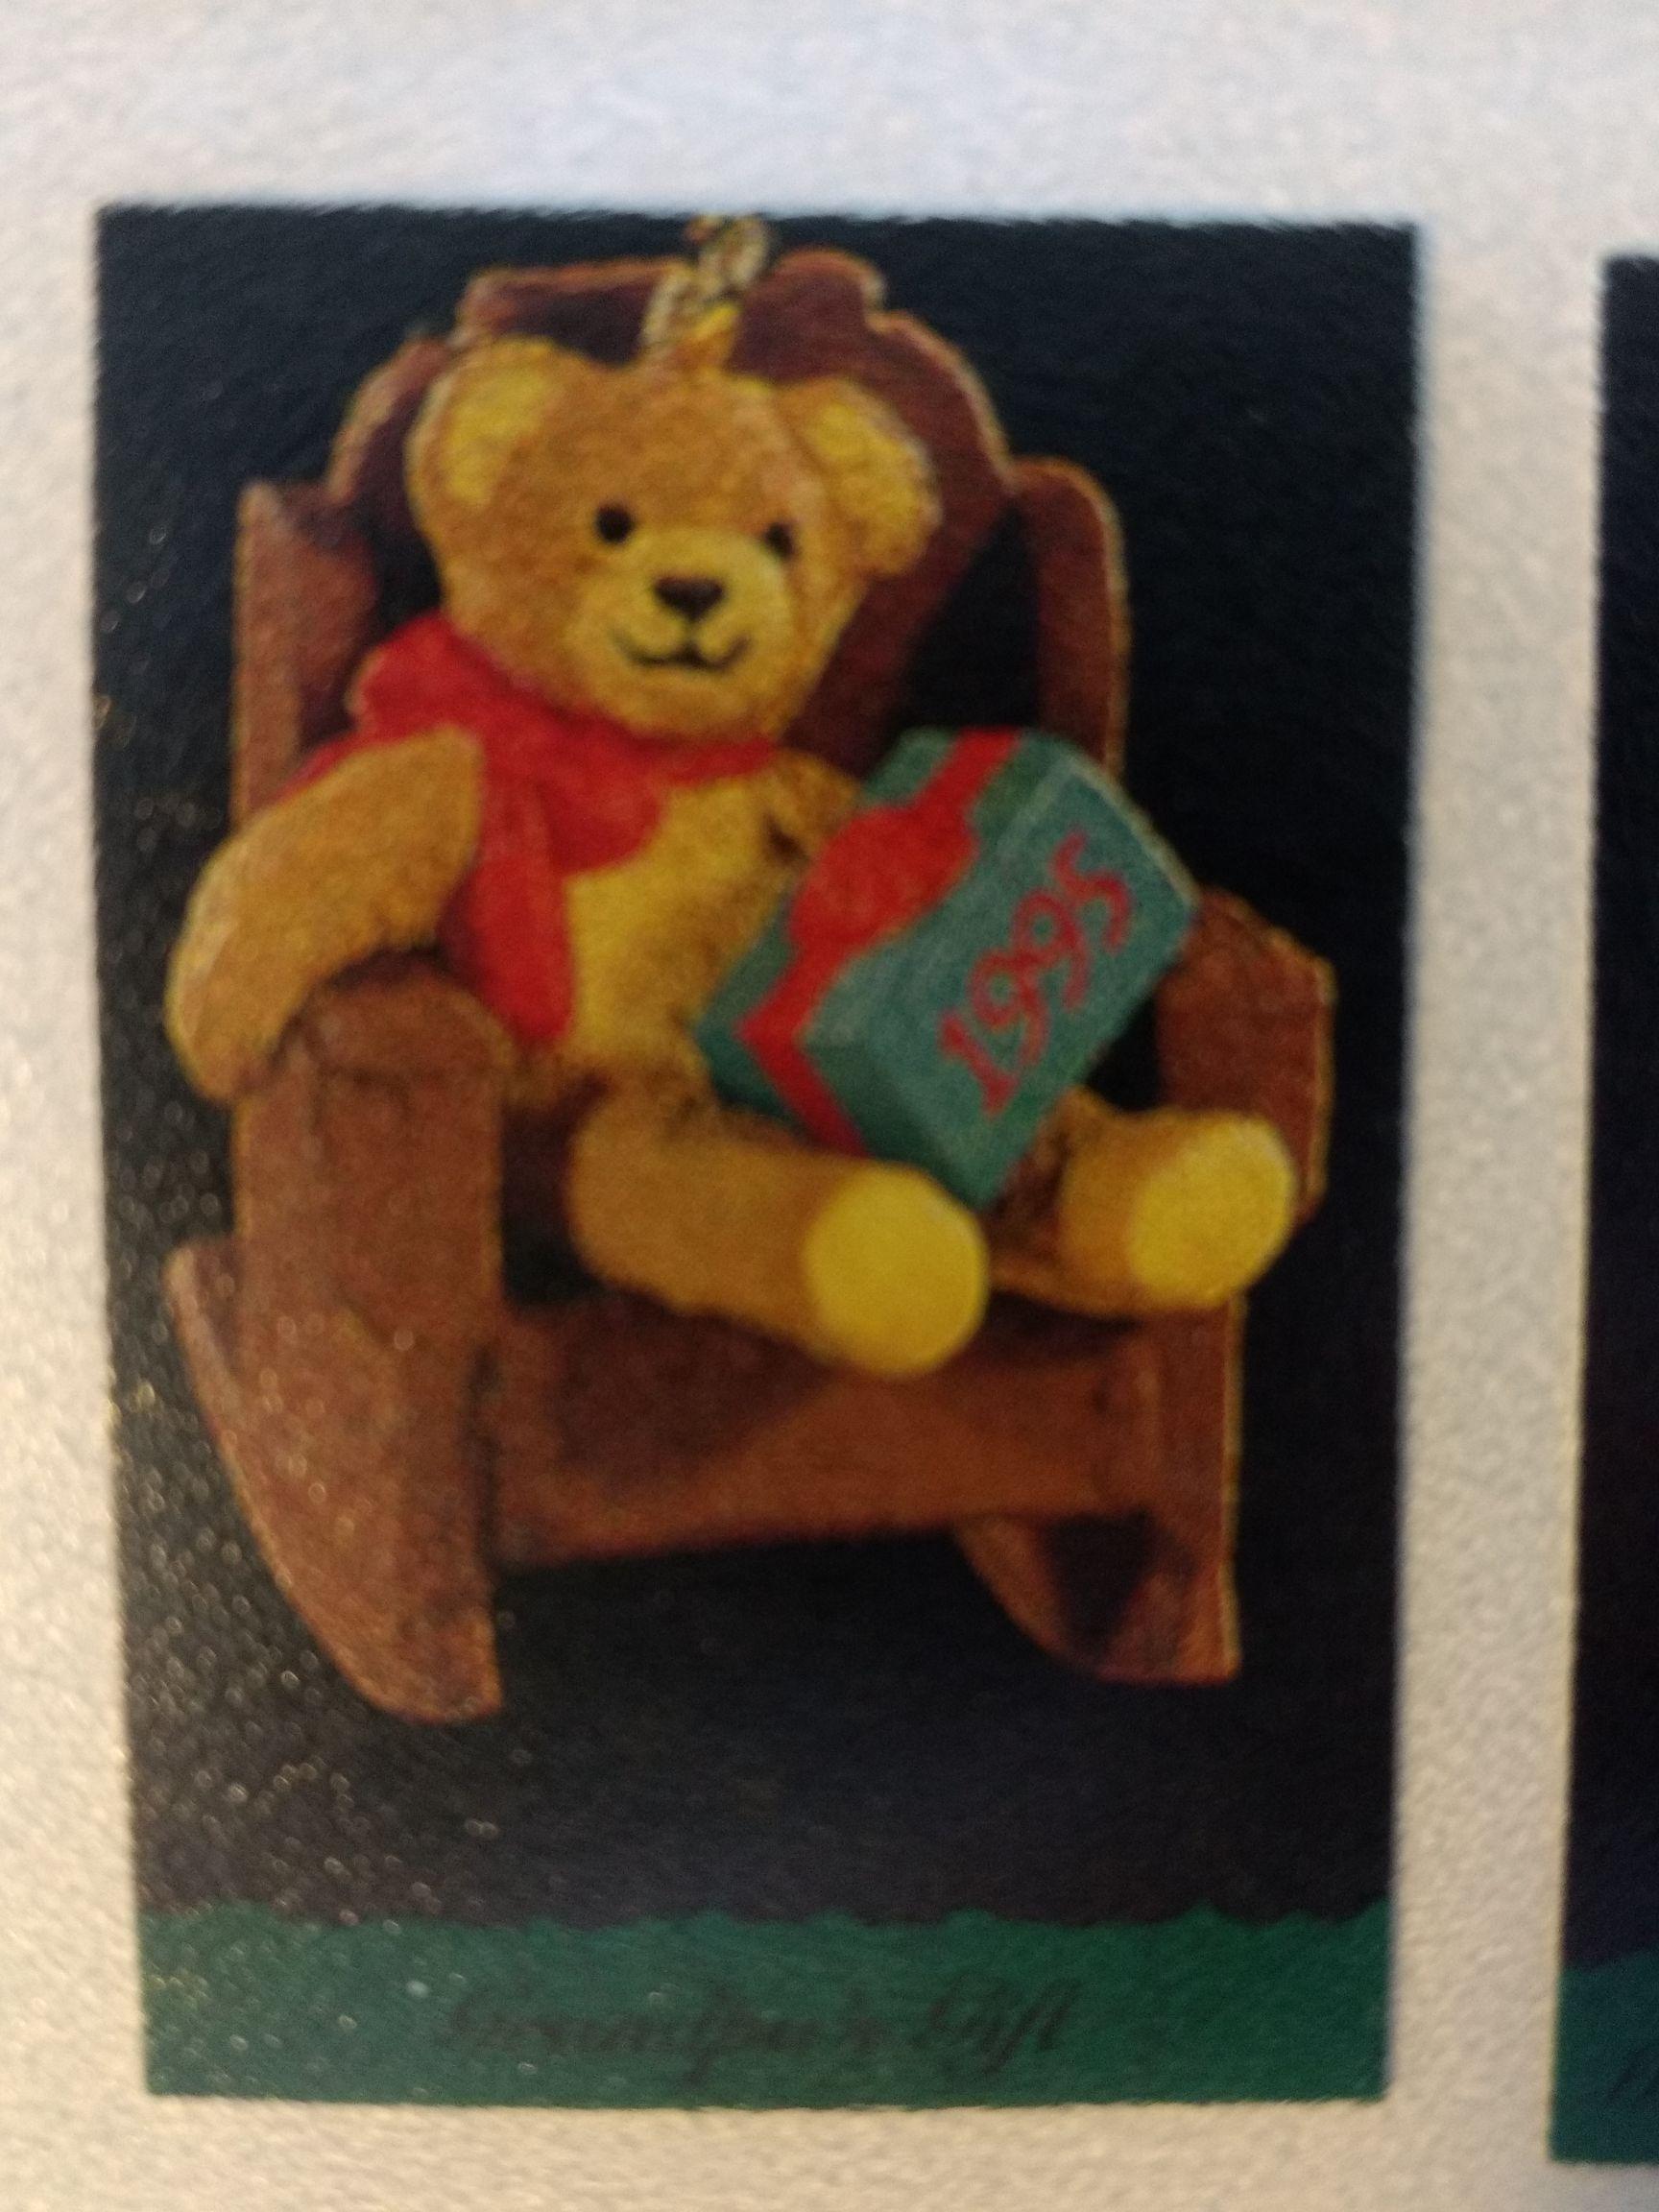 Z - Grandpa's Gift Ornament - Hallmark front image (front cover)